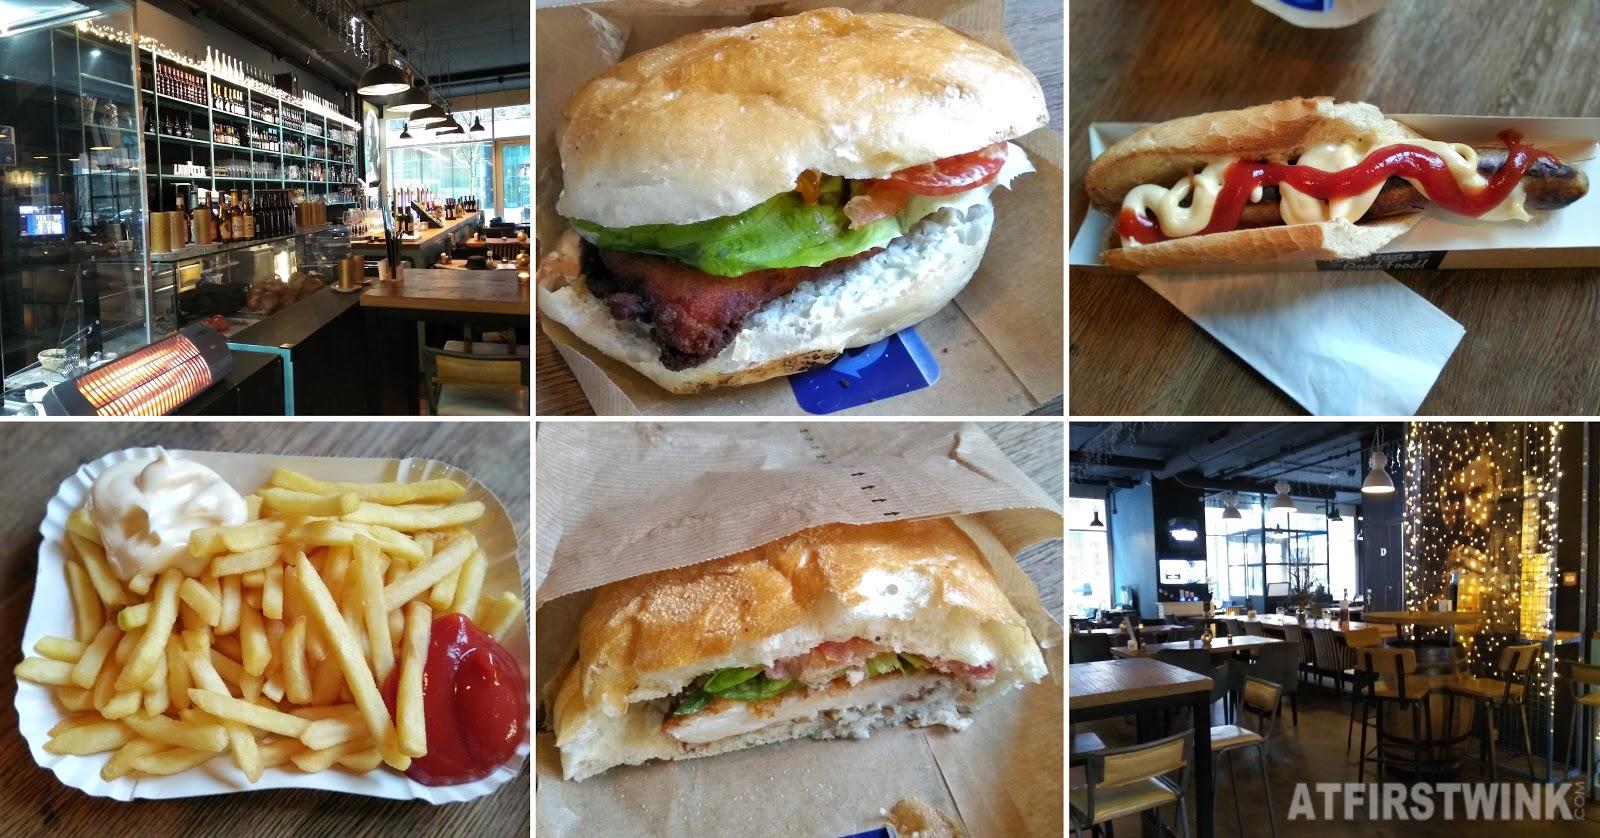 Die bierstube markthal Rotterdam schnitzel chicken sandwich french fries bratwurst hotdog